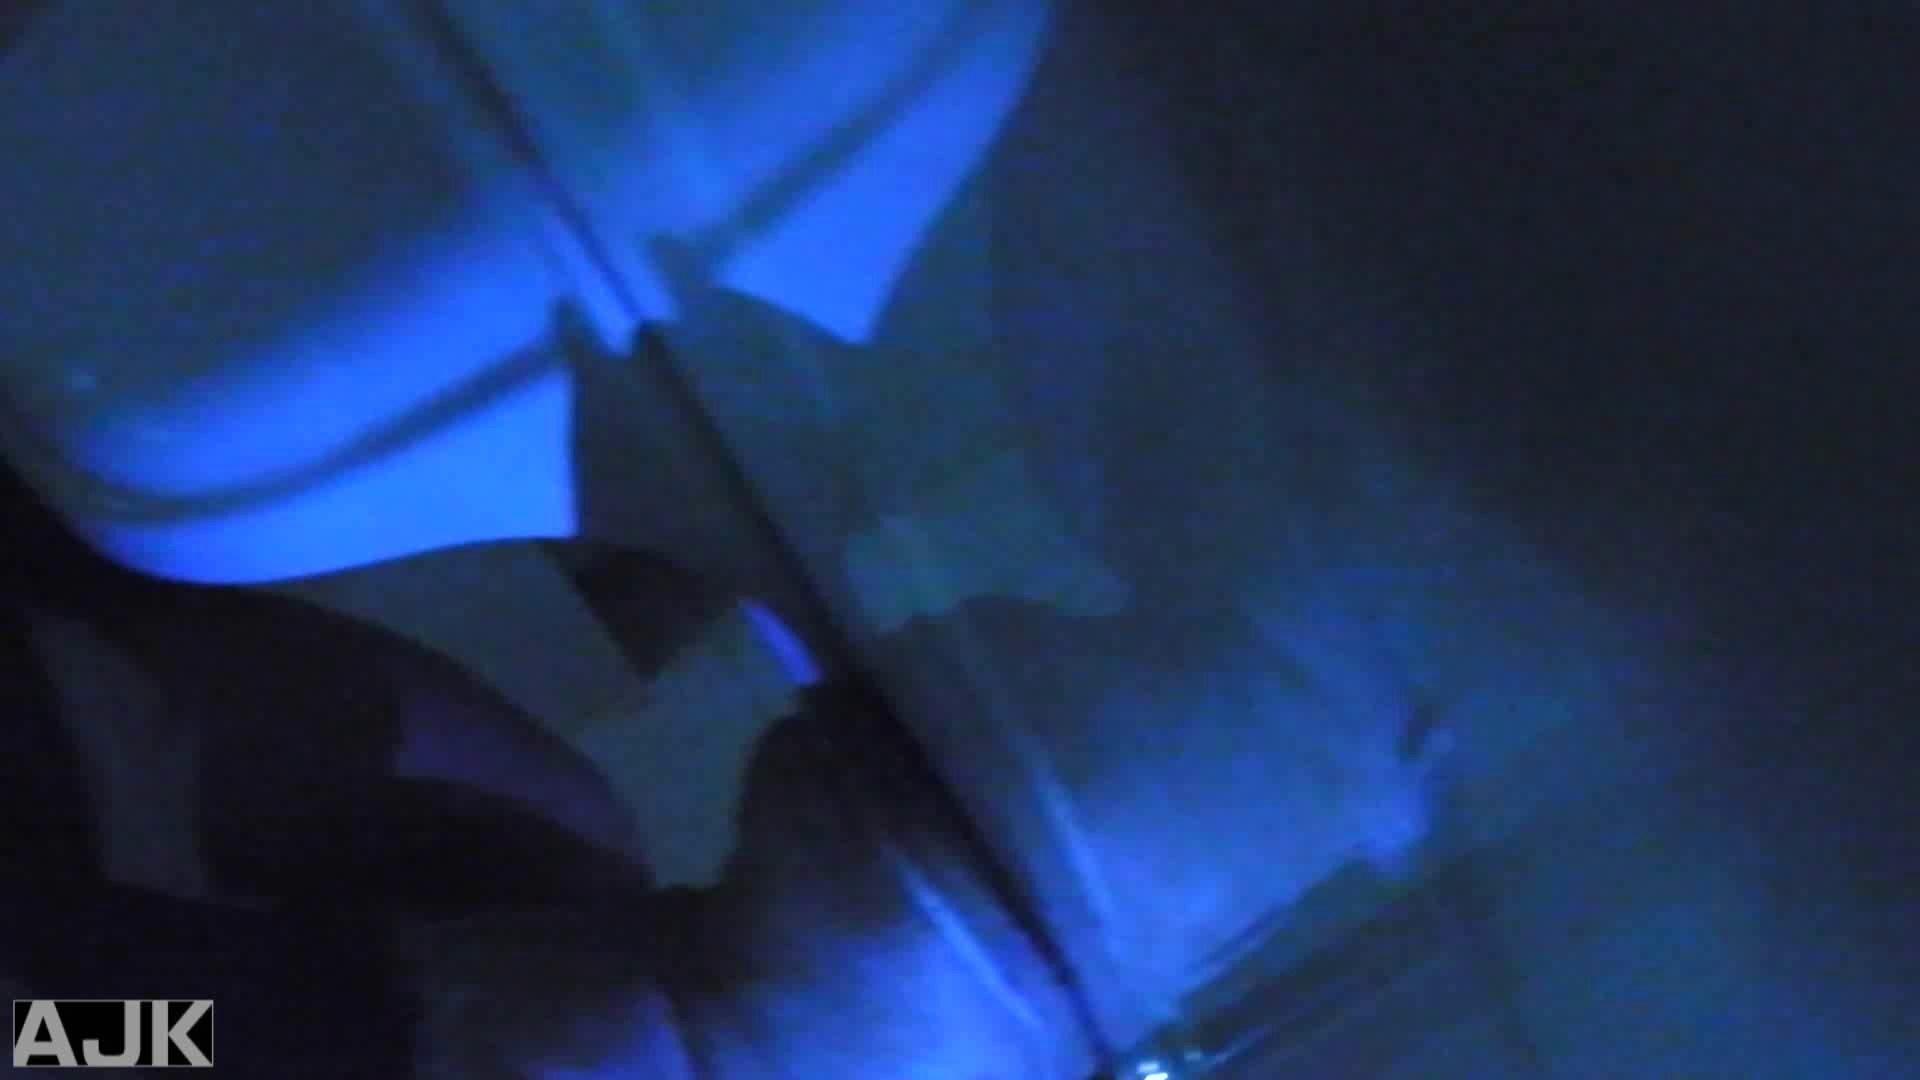 神降臨!史上最強の潜入かわや! vol.05 マンコ・ムレムレ AV動画キャプチャ 69pic 53